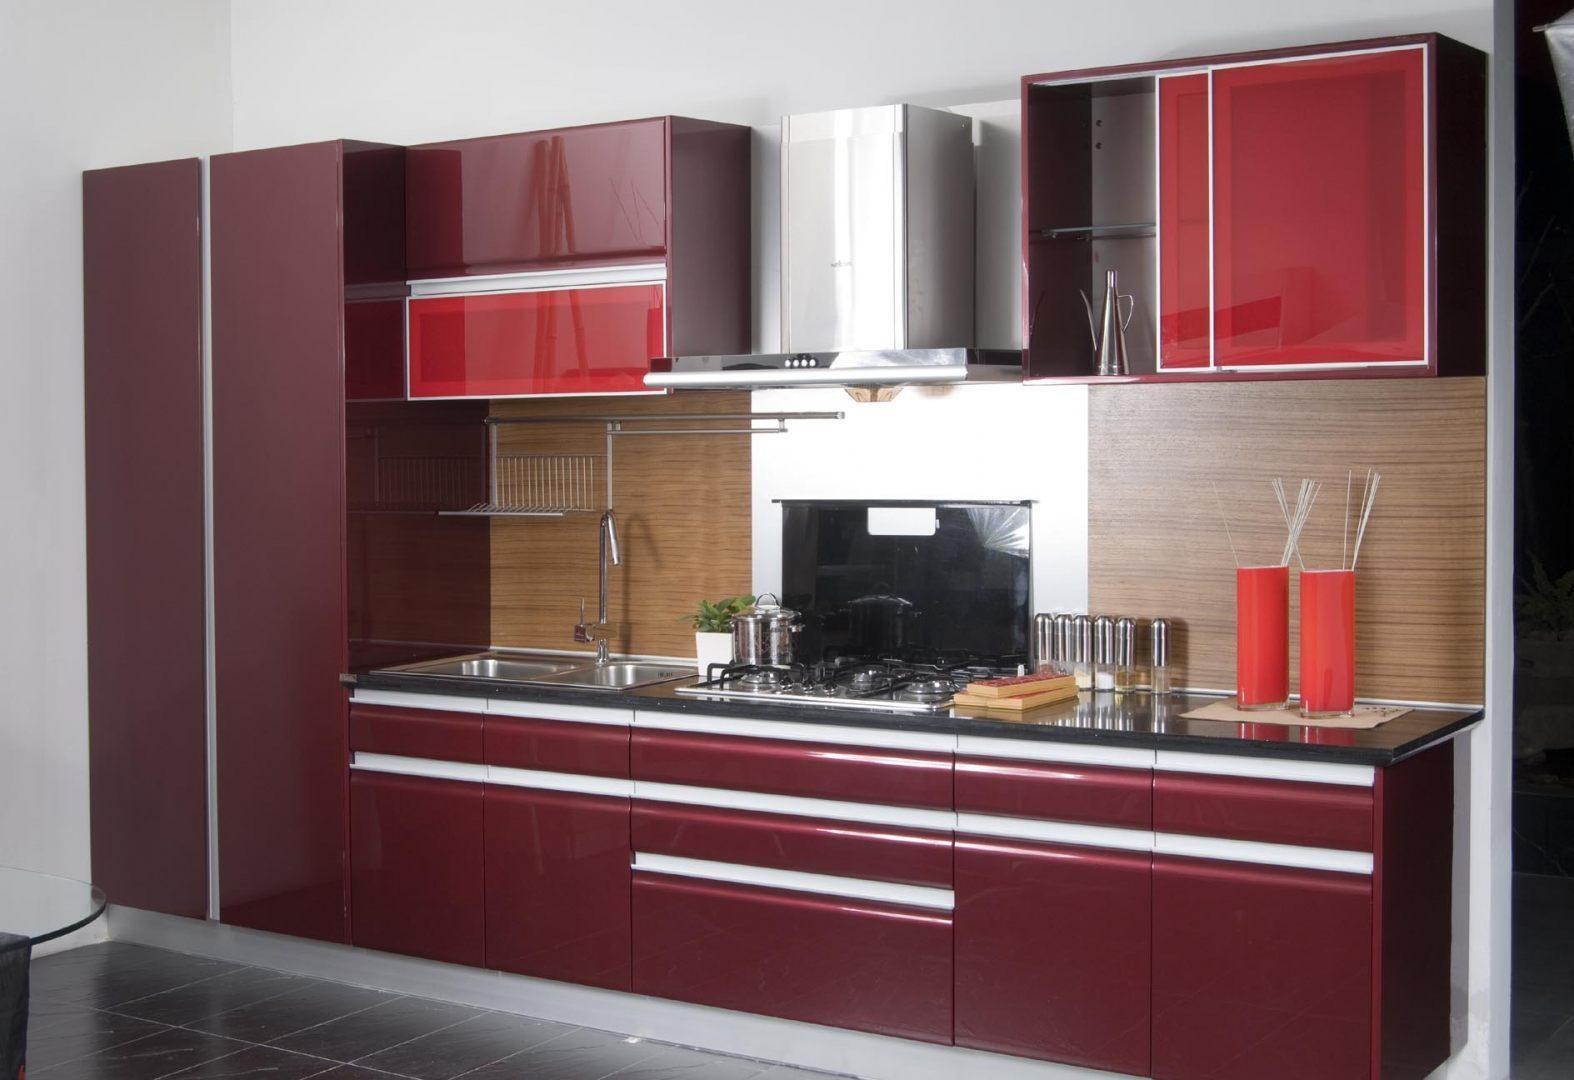 Muebles de cocina modernos im genes y fotos for Esmalte para muebles de cocina